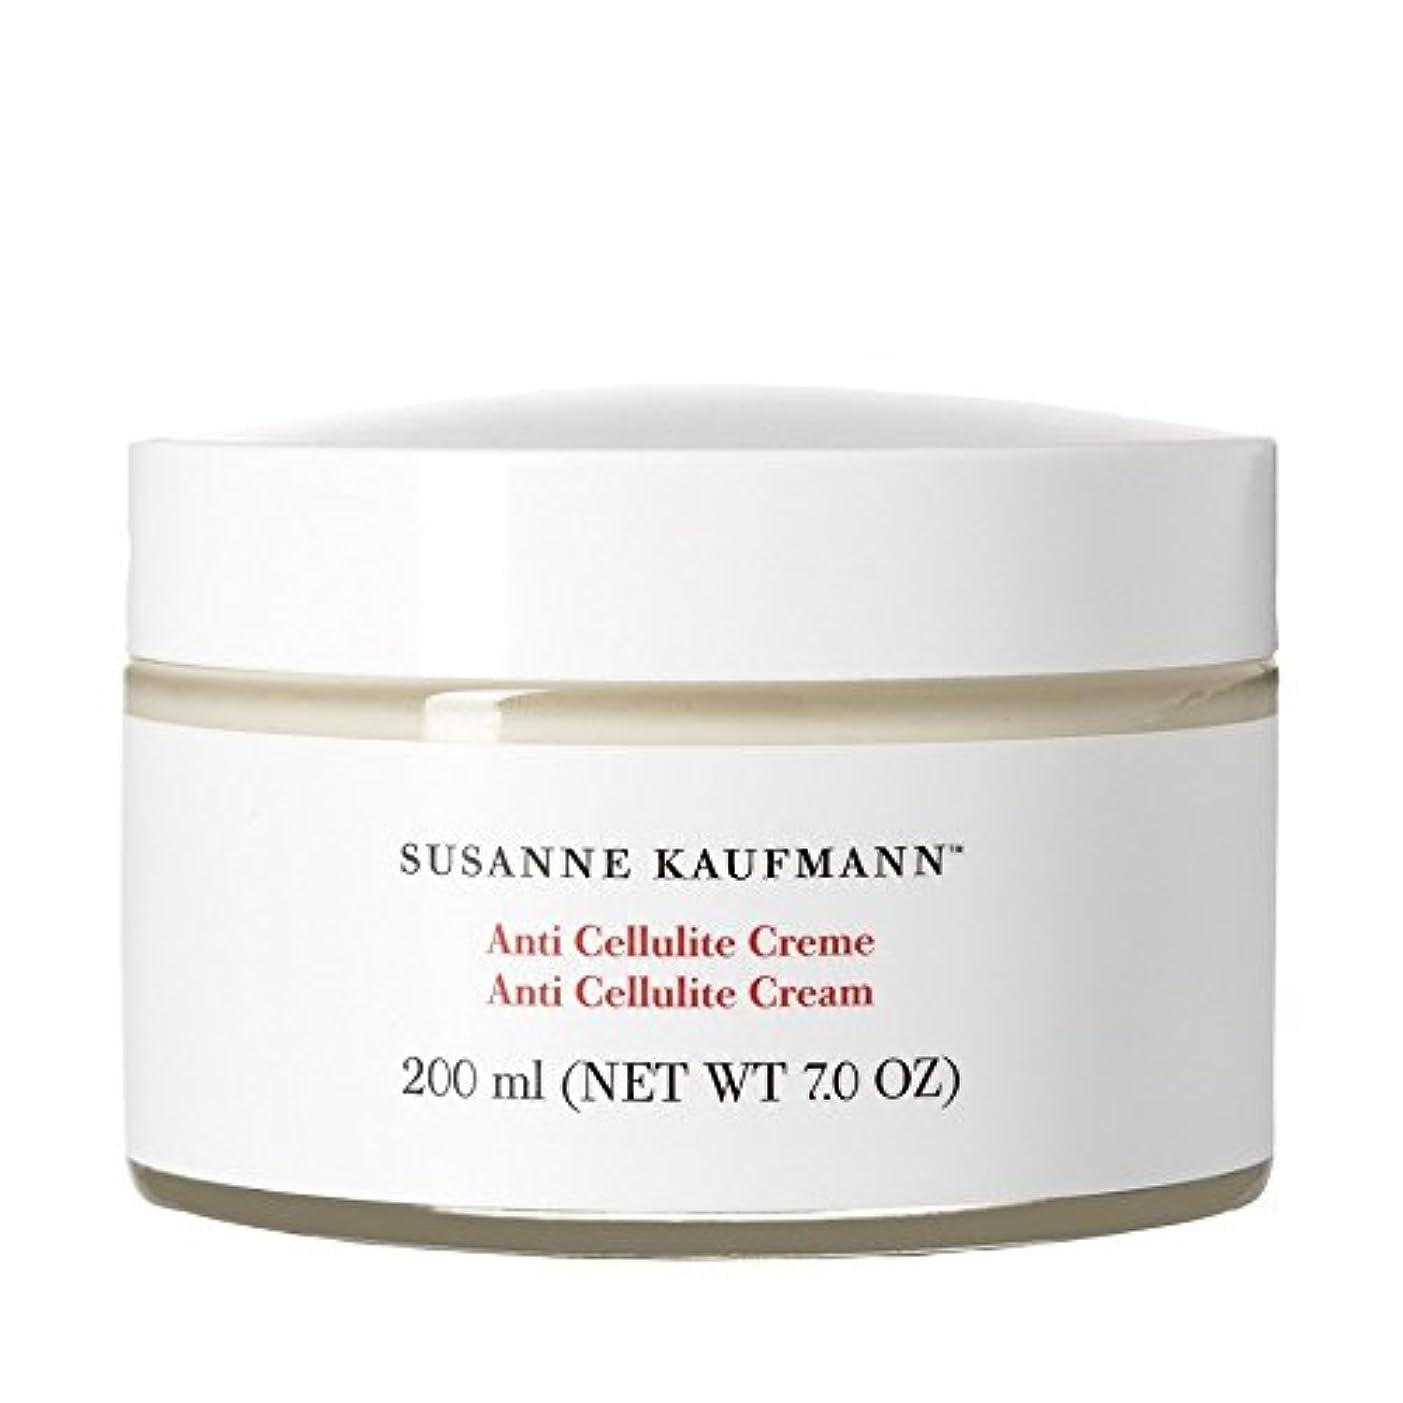 みぞれソファー診断するSusanne Kaufmann Anti Cellulite Cream 200ml - スザンヌカウフマン抗セルライトクリーム200ミリリットル [並行輸入品]